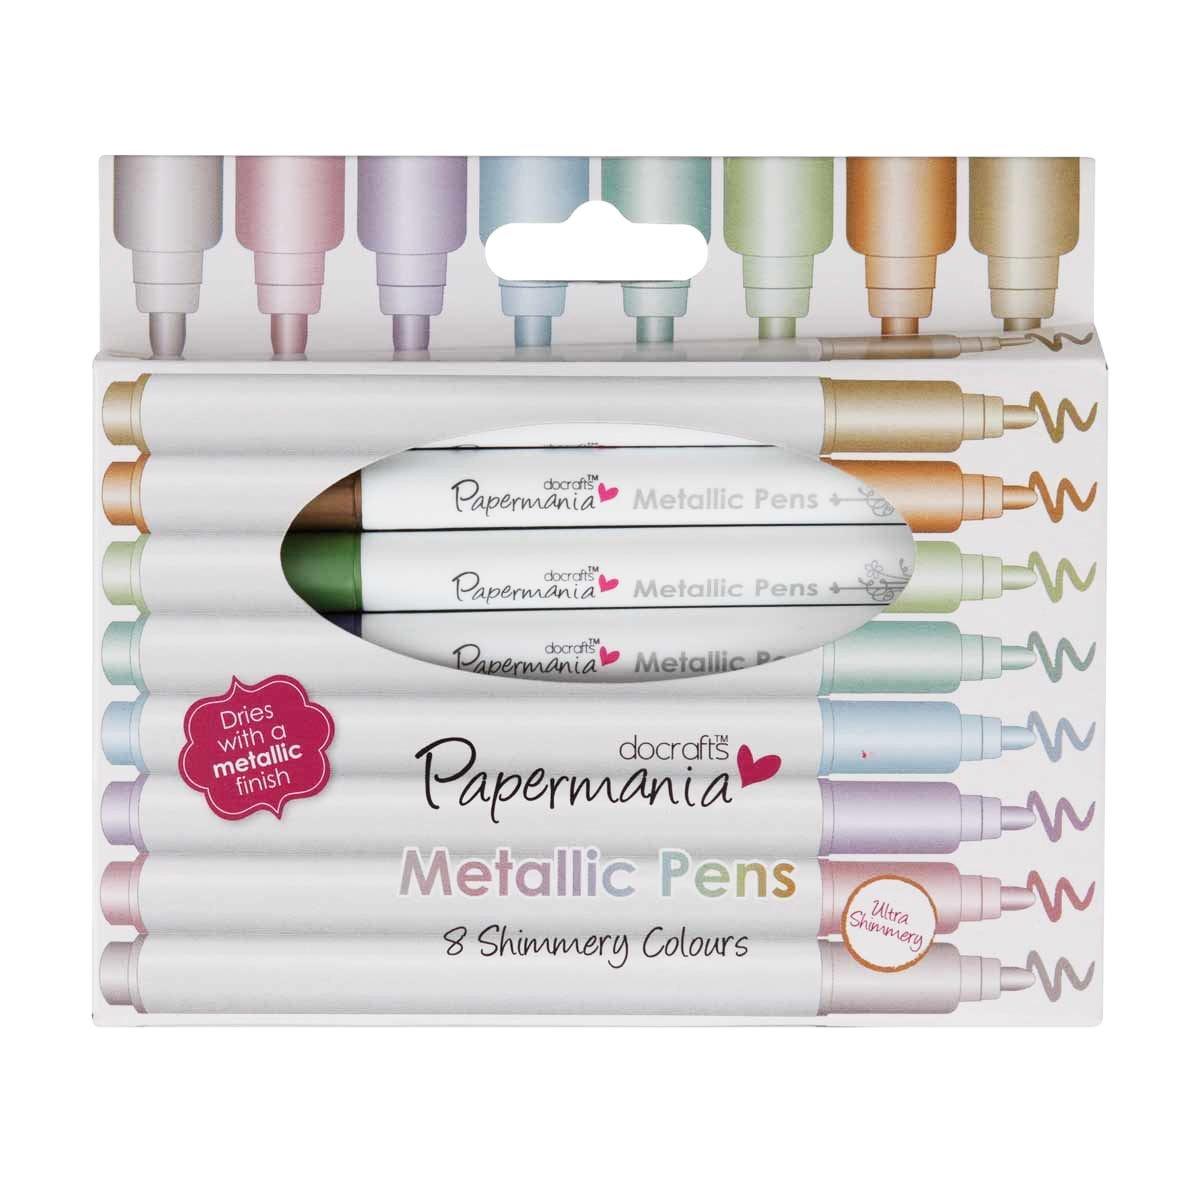 Docrafts Metallic Pens 8 Shimmery Colours: Amazon.de: Küche & Haushalt